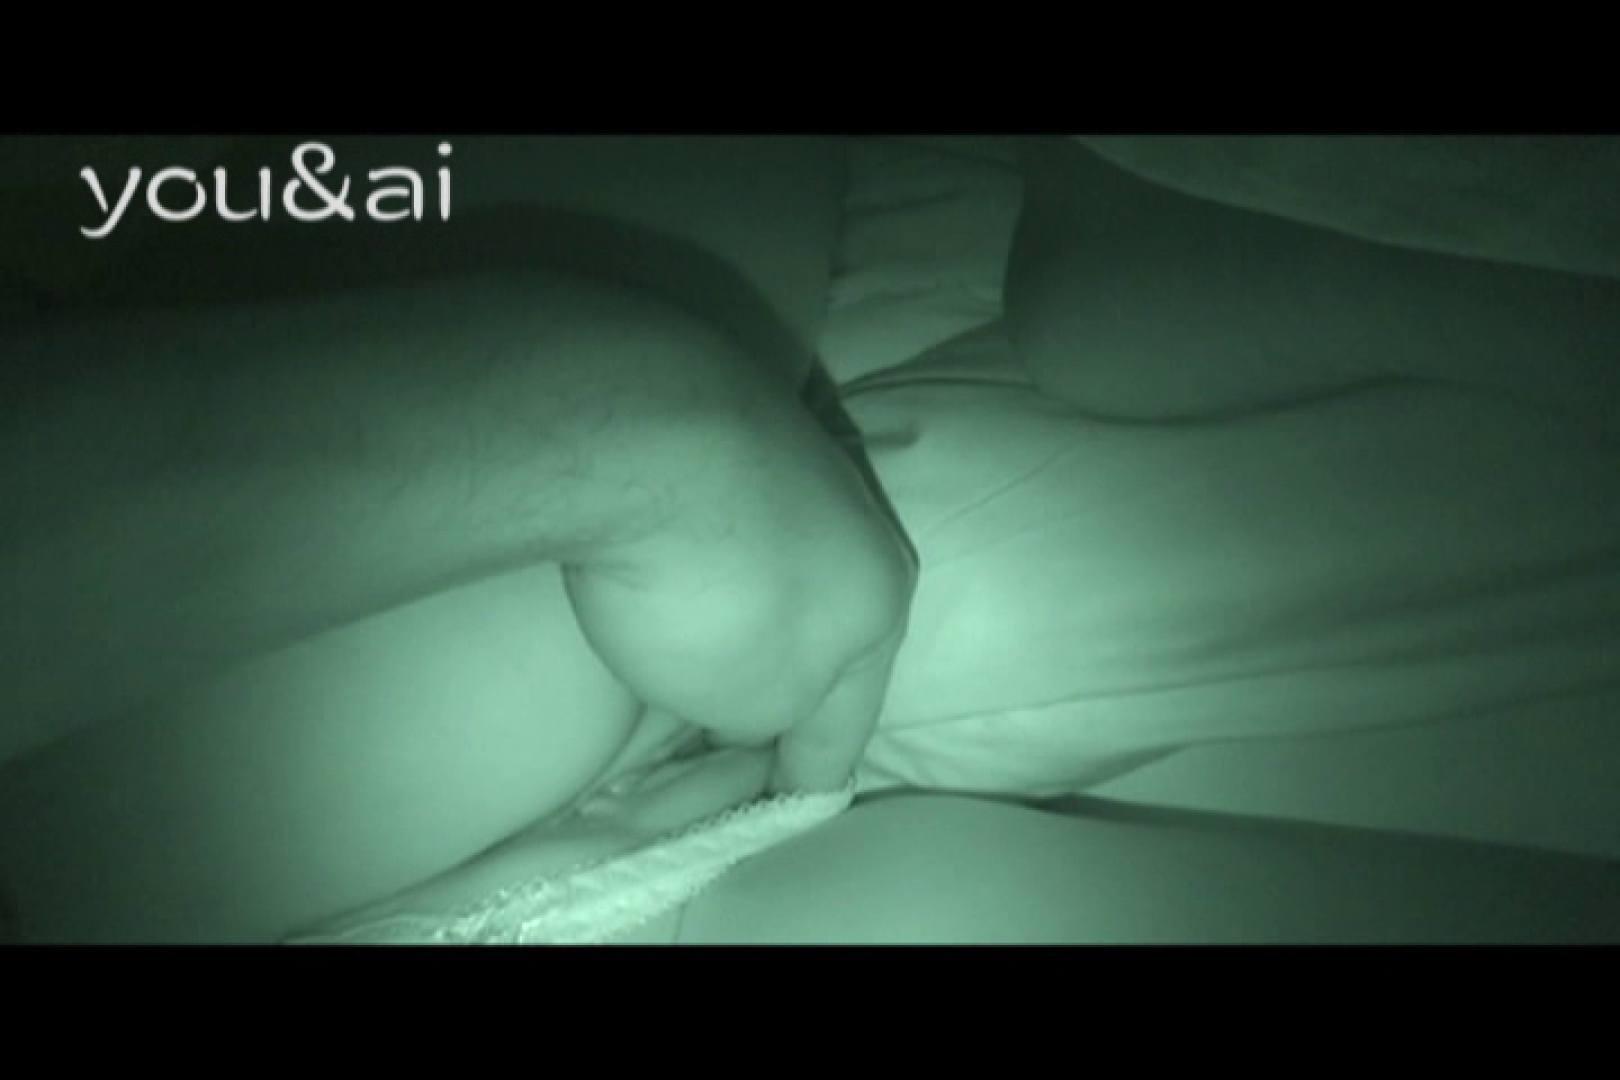 おしどり夫婦のyou&aiさん投稿作品vol.6 エッチなOL おまんこ無修正動画無料 76pic 16